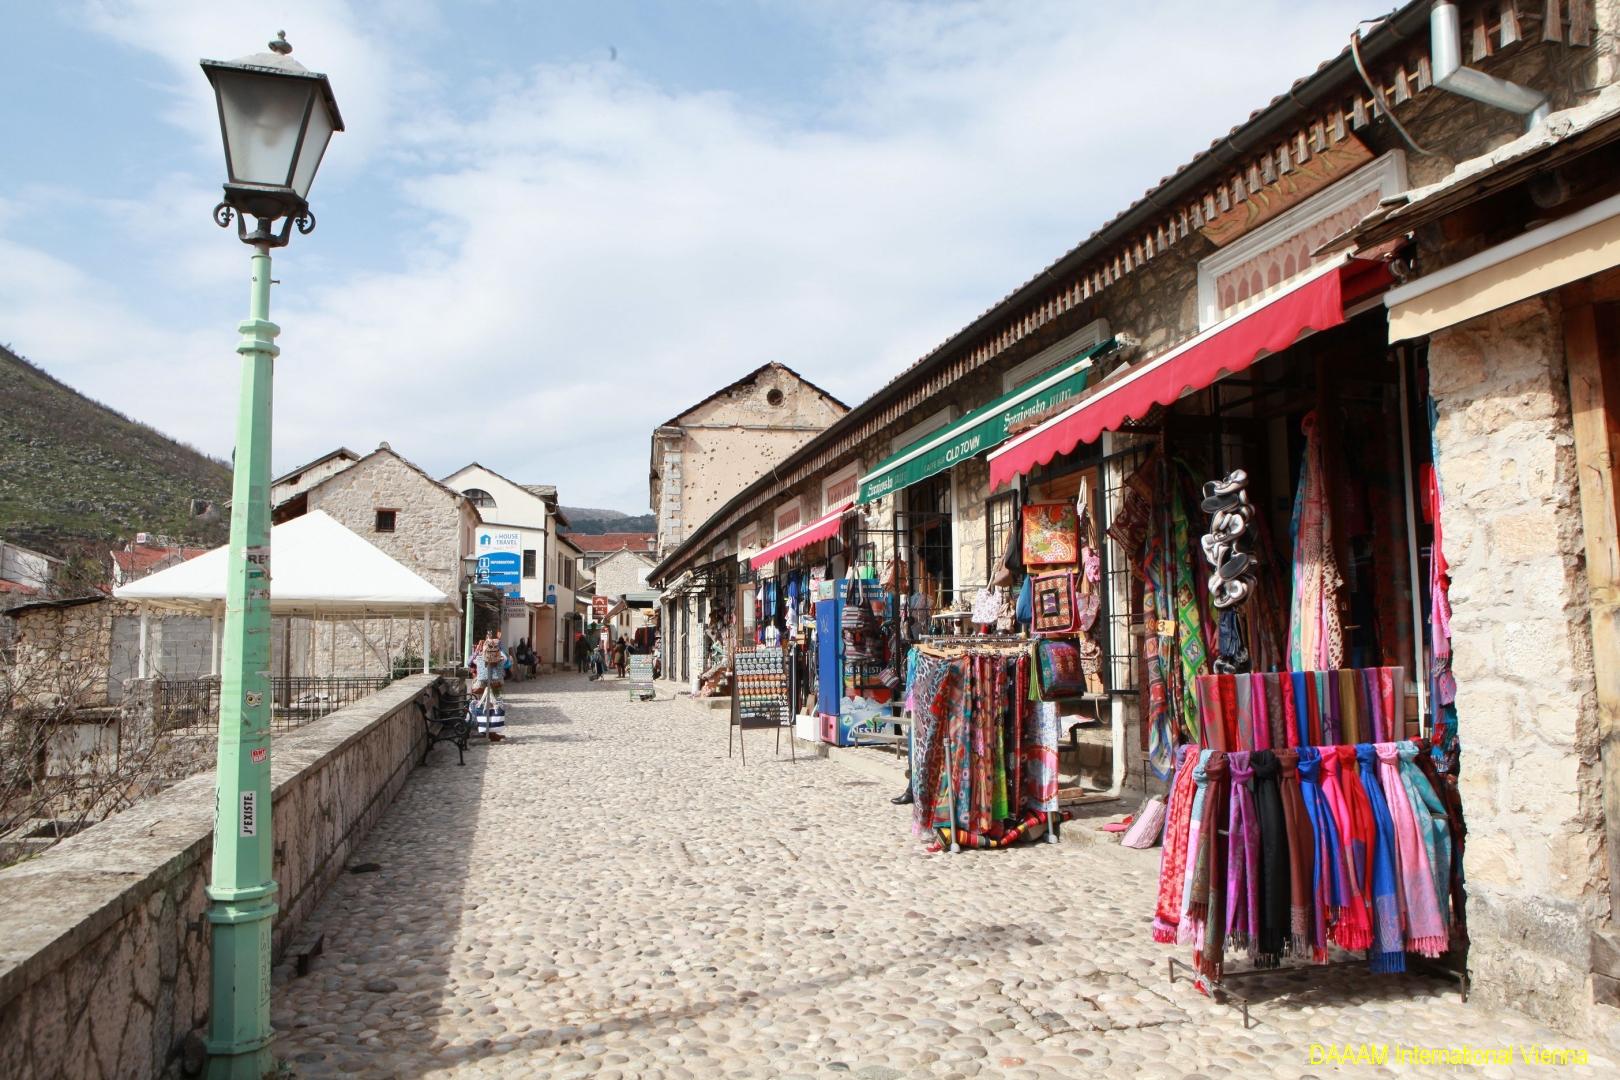 DAAAM_2016_Mostar_01_Magic_City_of_Mostar_023